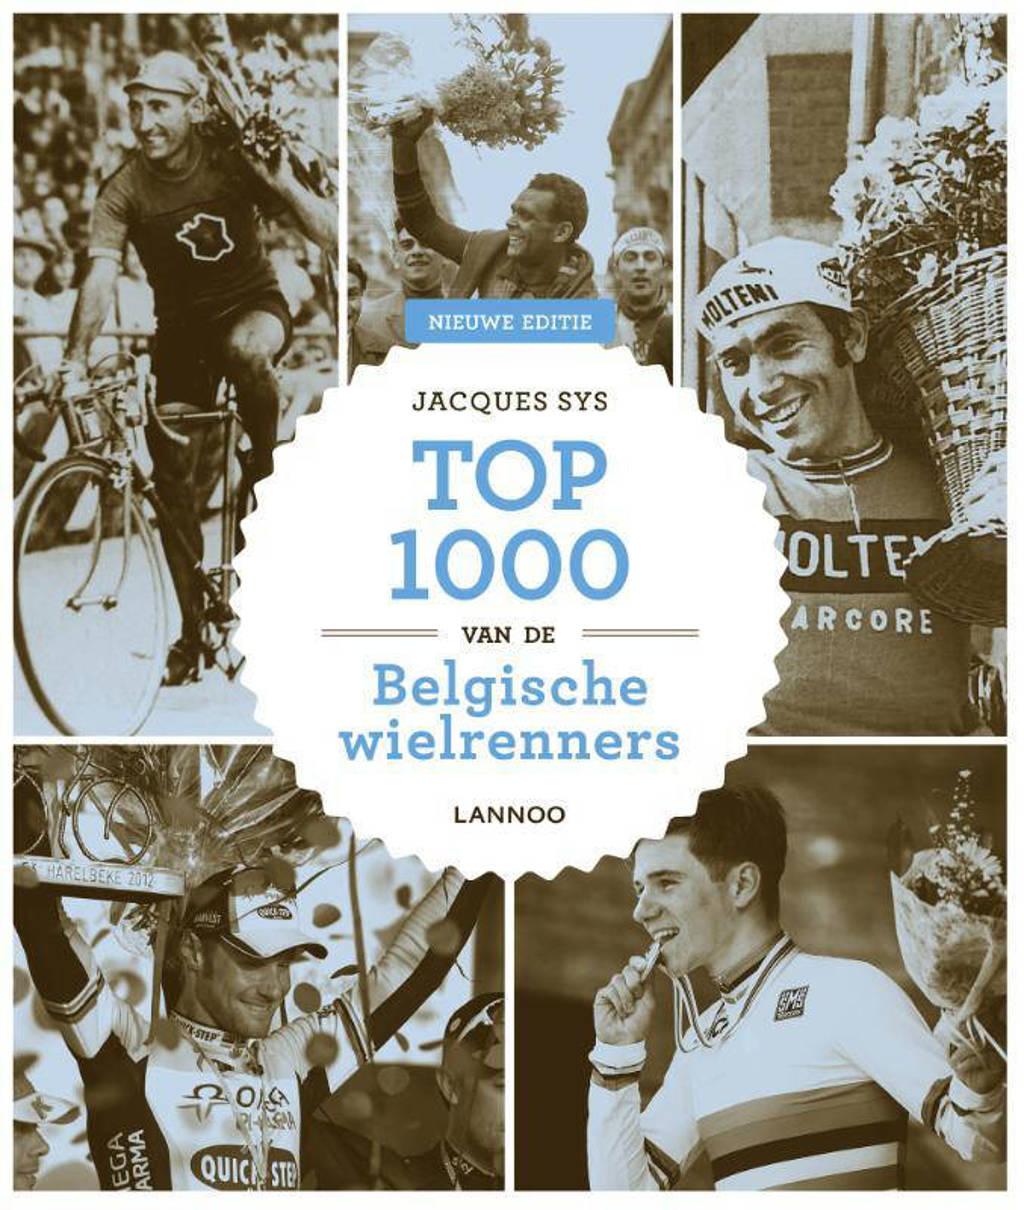 Top 1000 van de Belgische wielrenners - Jacques Sys